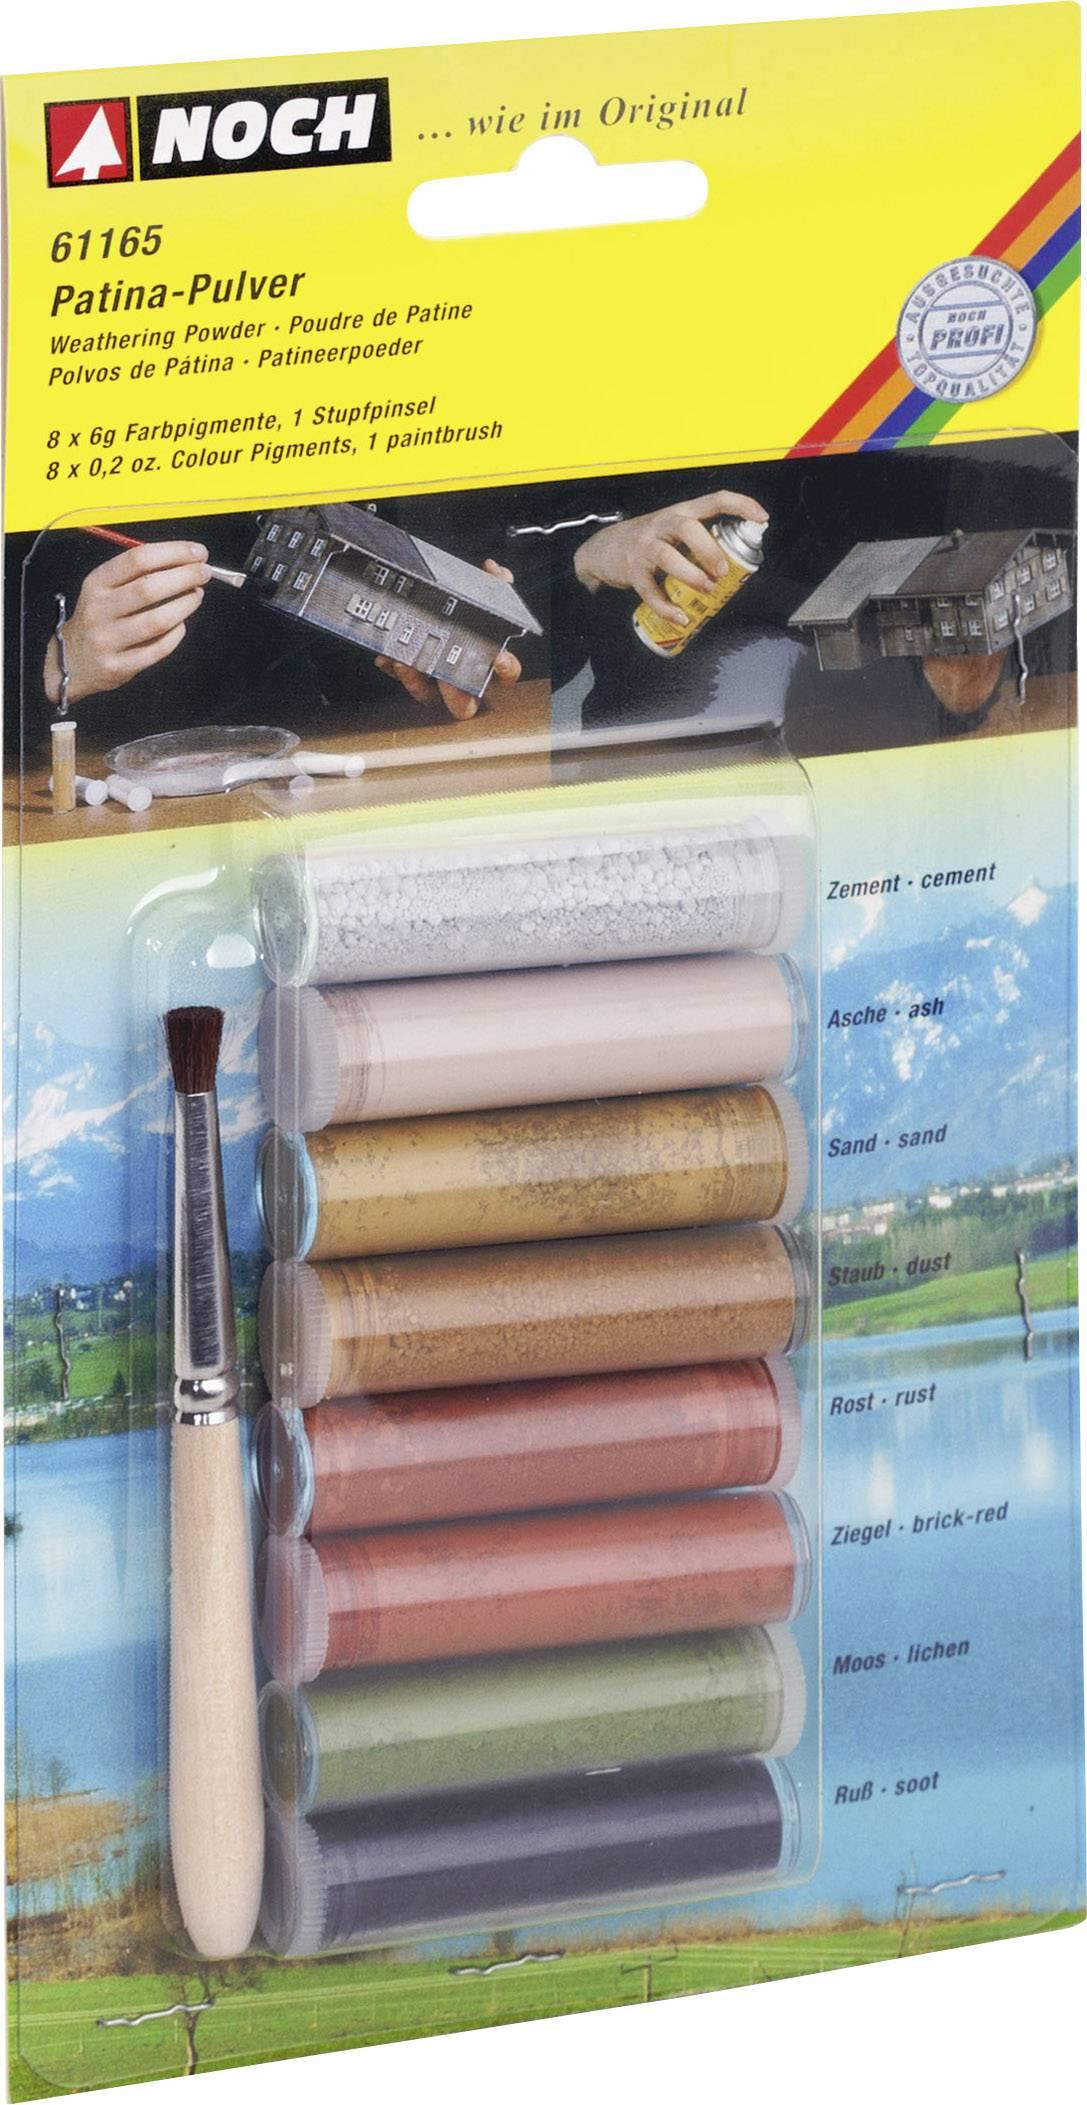 Modellbahn Pulverfarbe Grau, Sand, Staub Grau, Rost (matt), Ziegel Rot,  Moosgrün, Schwarz NOCH 61165 1 Set Pictures